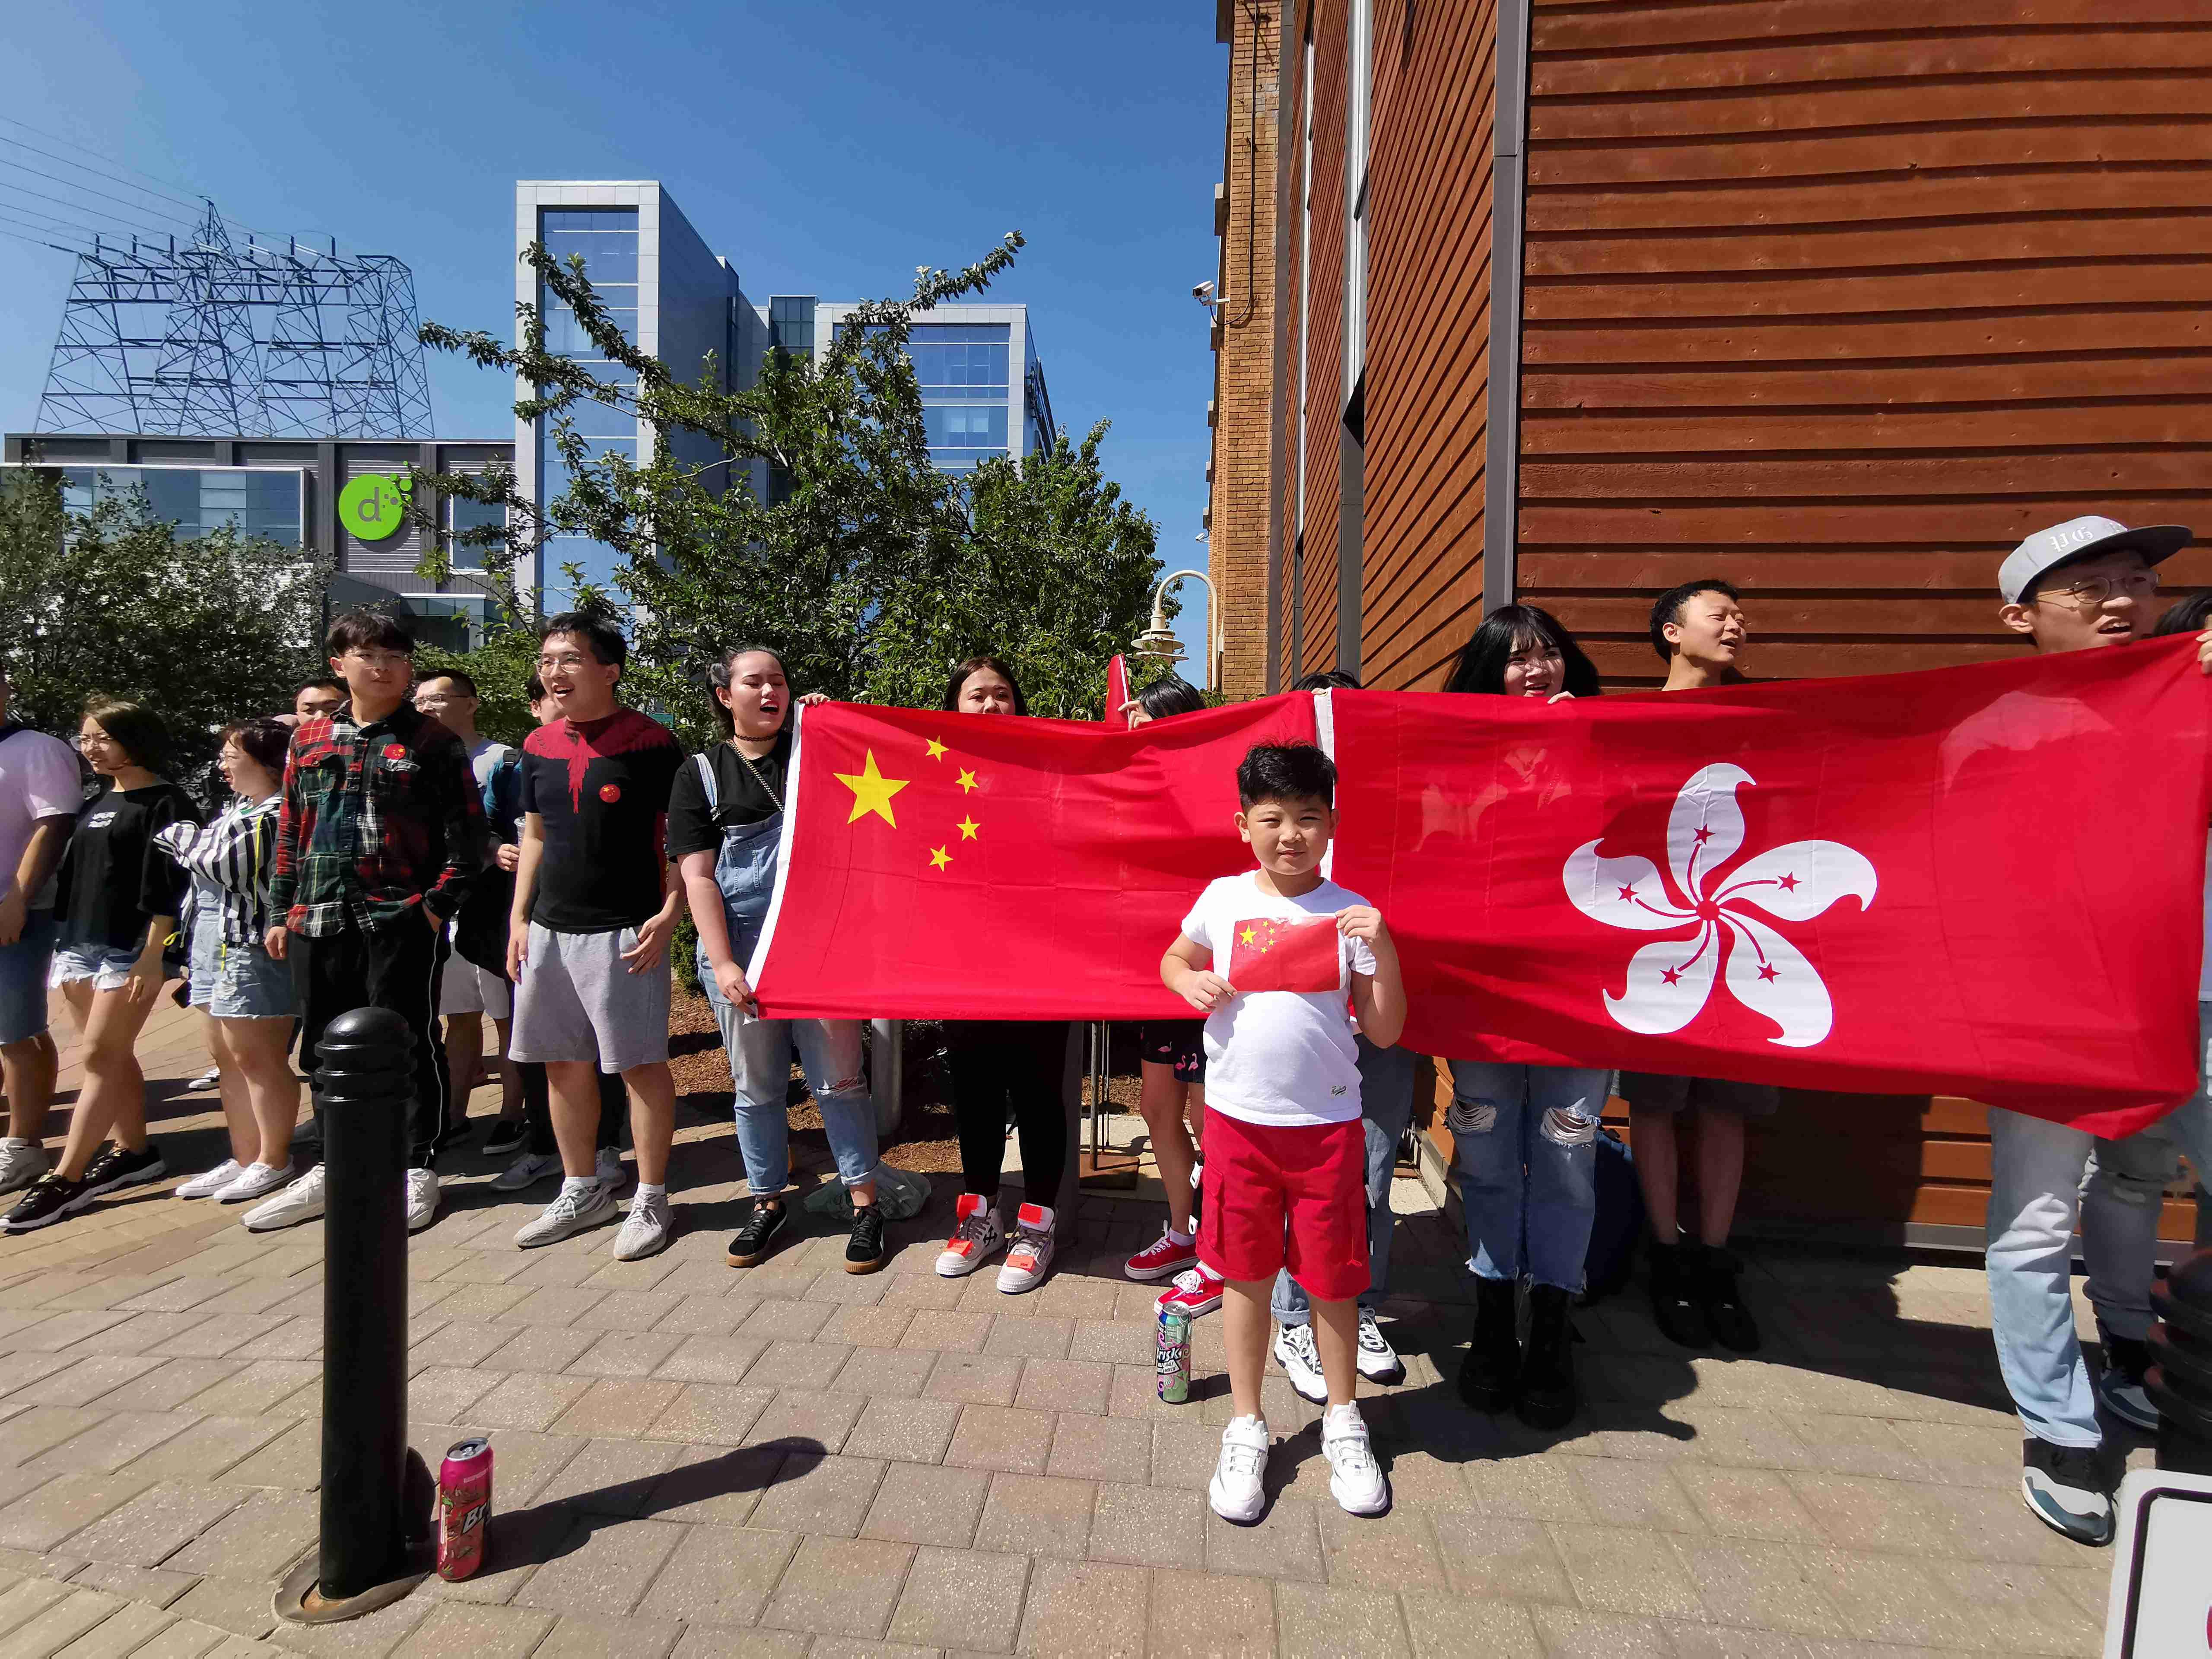 加拿大爱国留学生及华人华侨:香港永远是中国的一部分